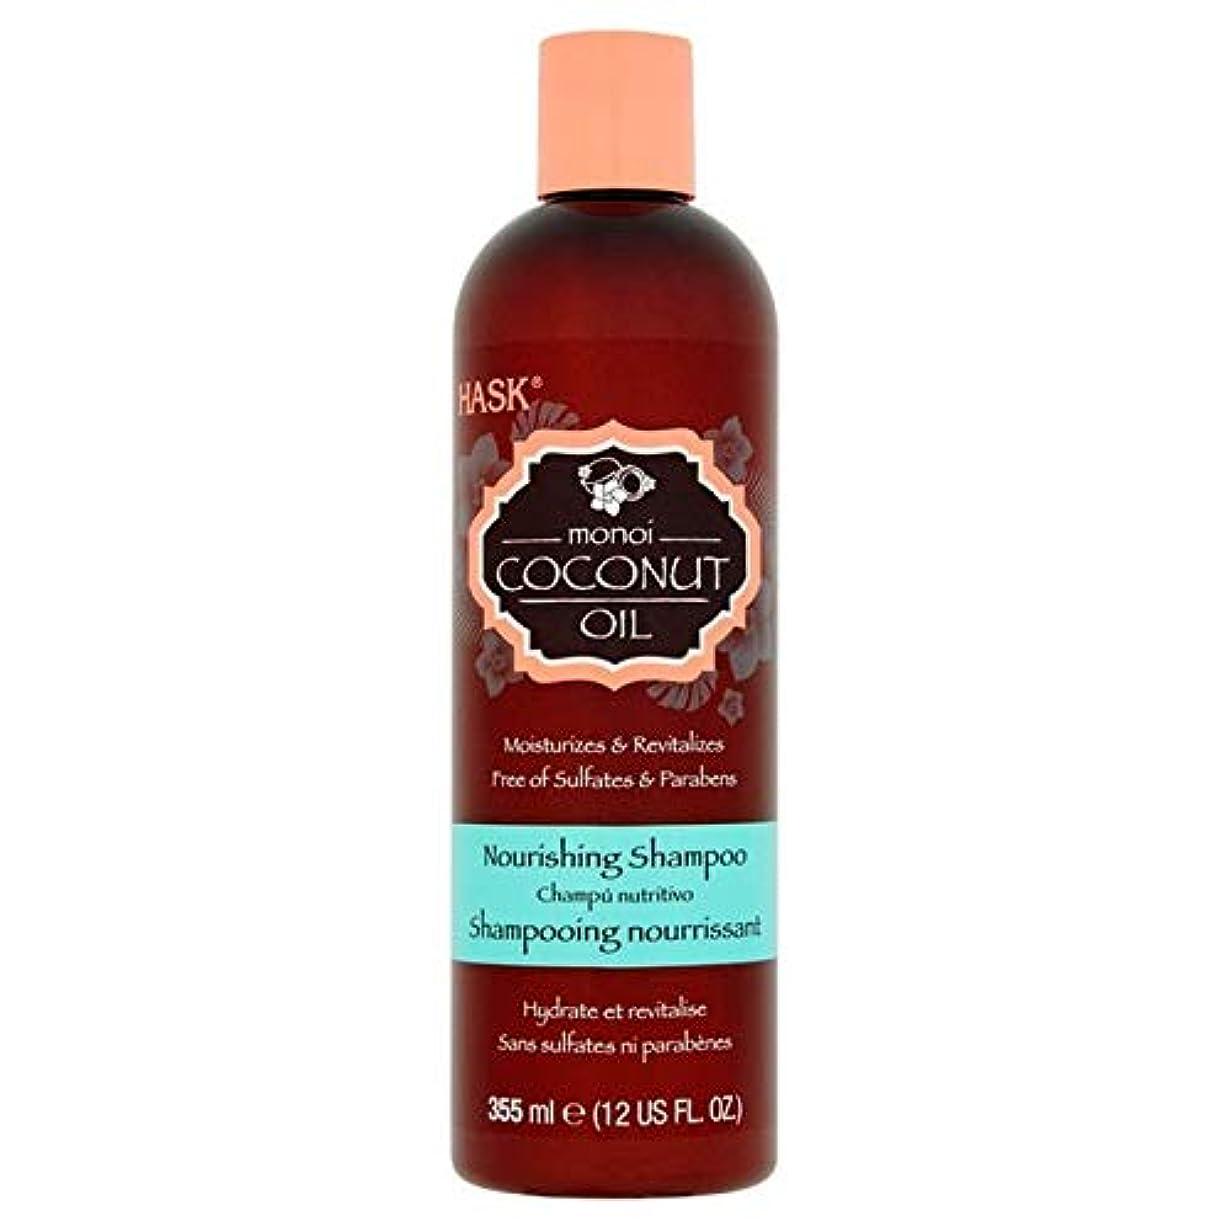 活力コントロール自然[Hask] Haskモノイヤシ油シャンプー355ミリリットル - Hask Monoi Coconut Oil Shampoo 355ml [並行輸入品]